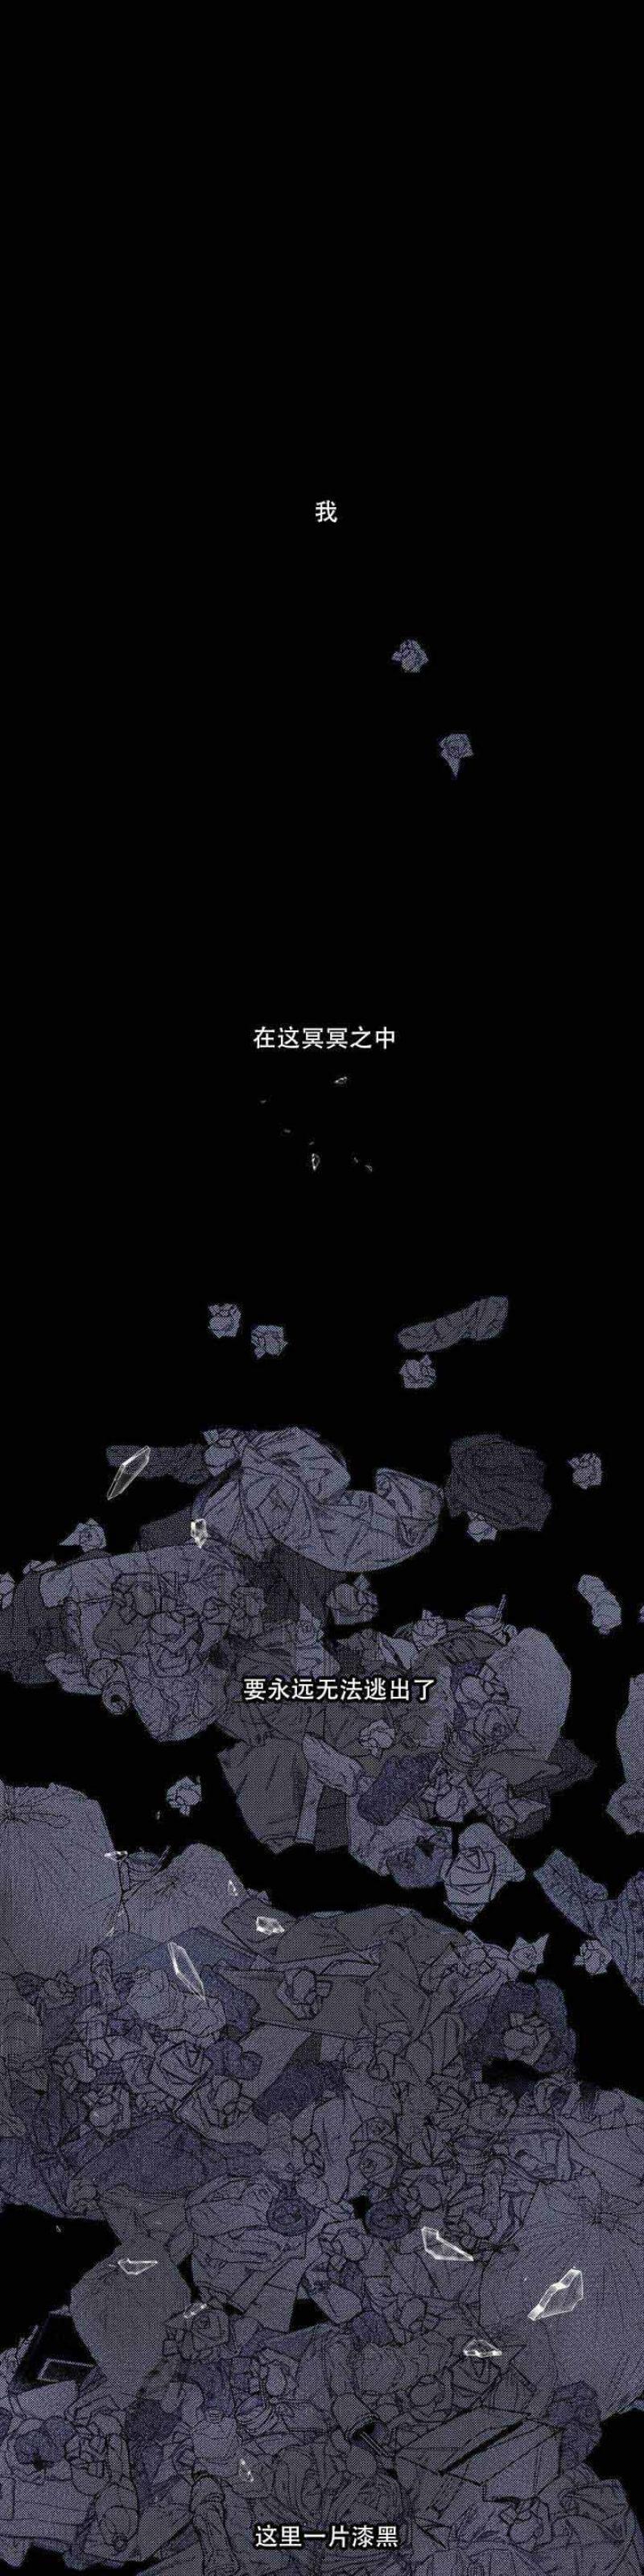 韩漫 |《偶然同居》偶然的同居,偶然的爱情!  第2张